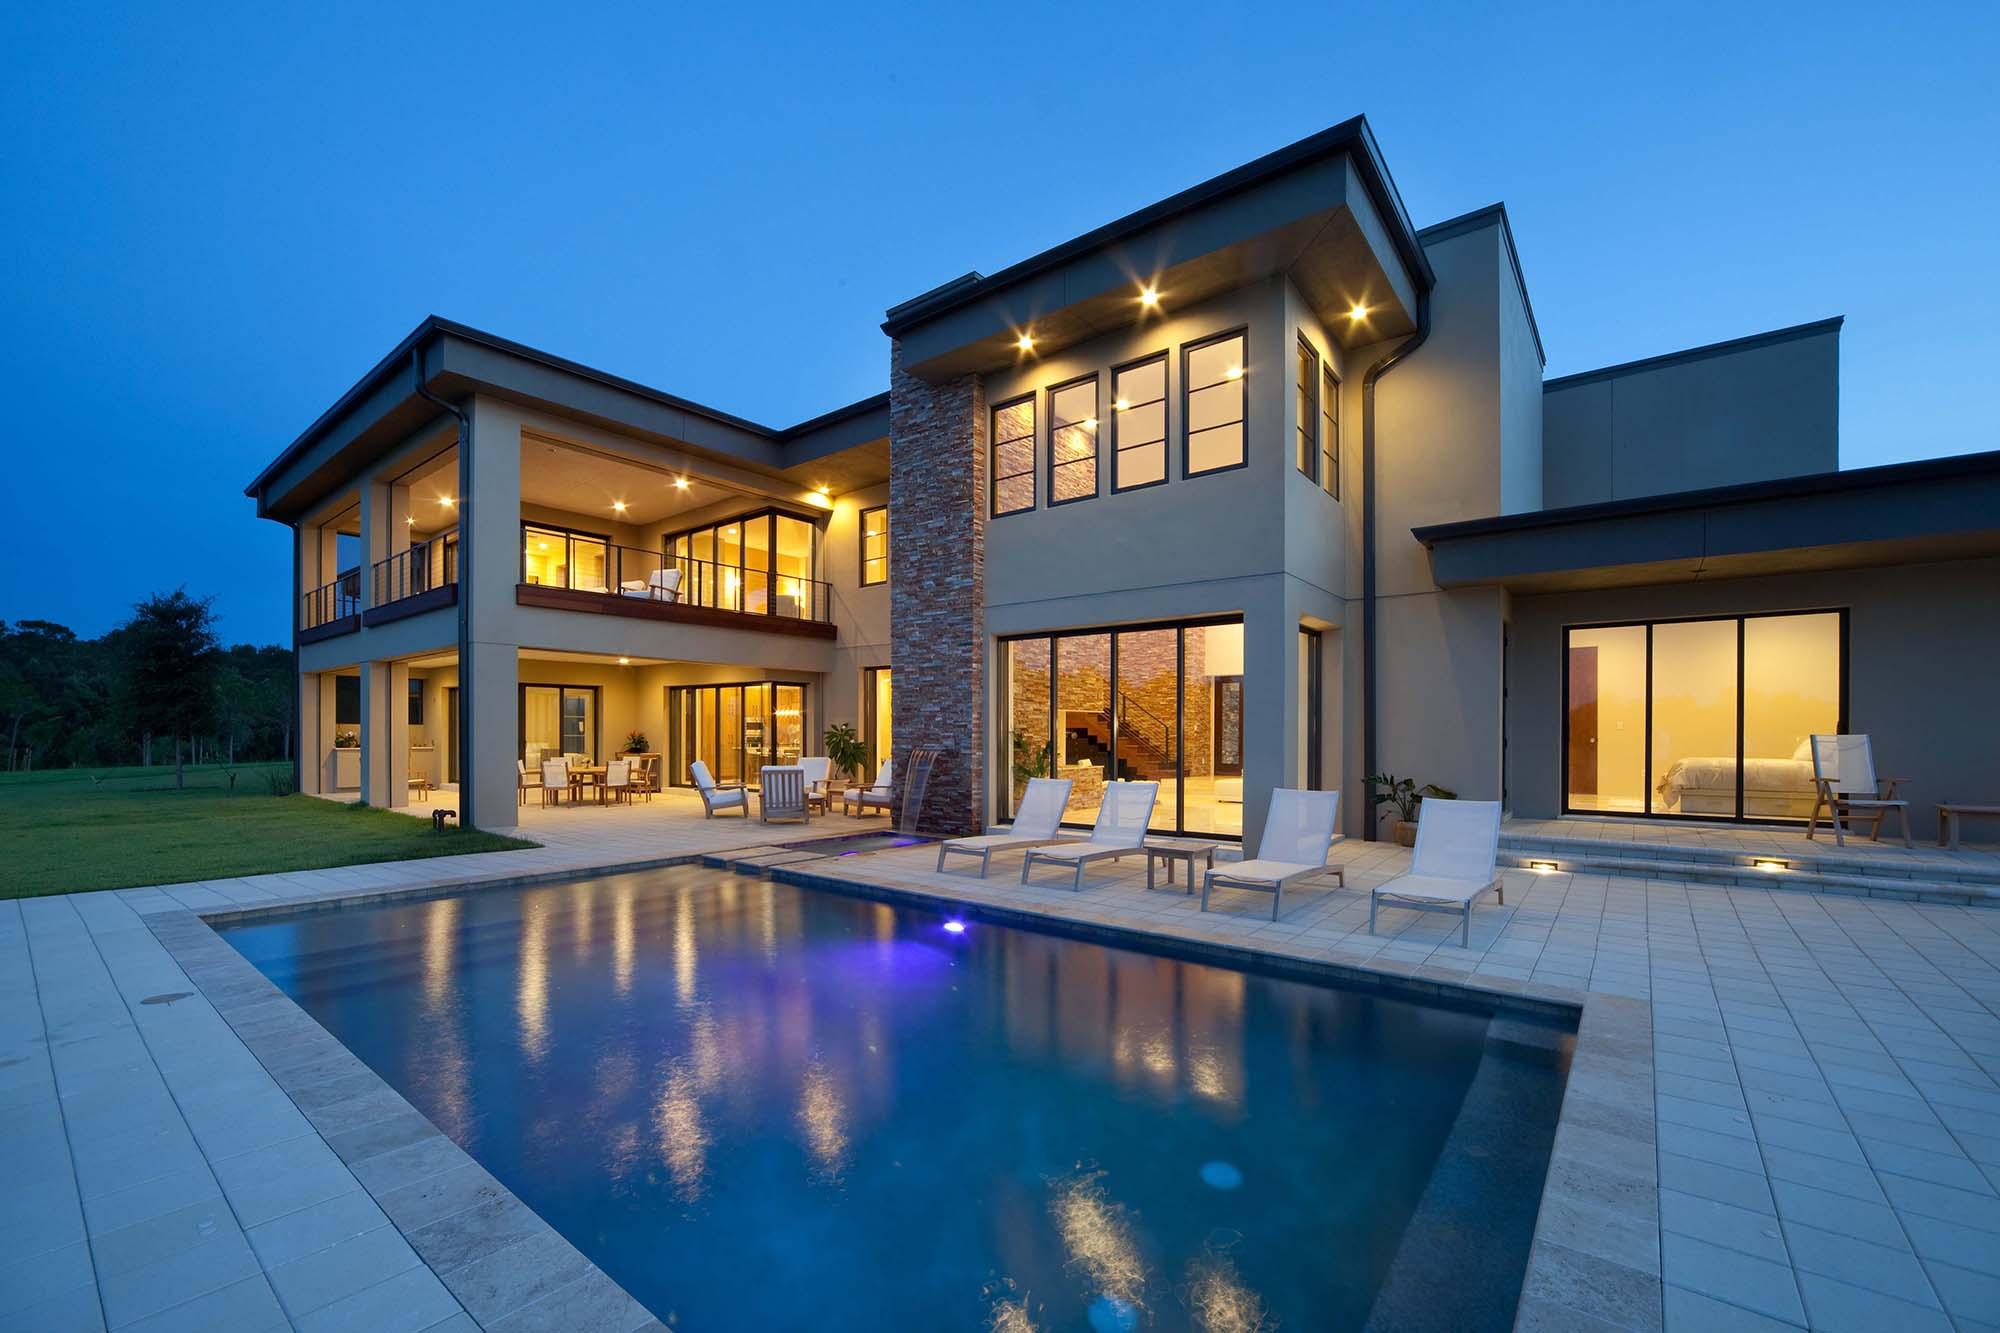 sqaure modern home design indoor outdoor living - Gambrick